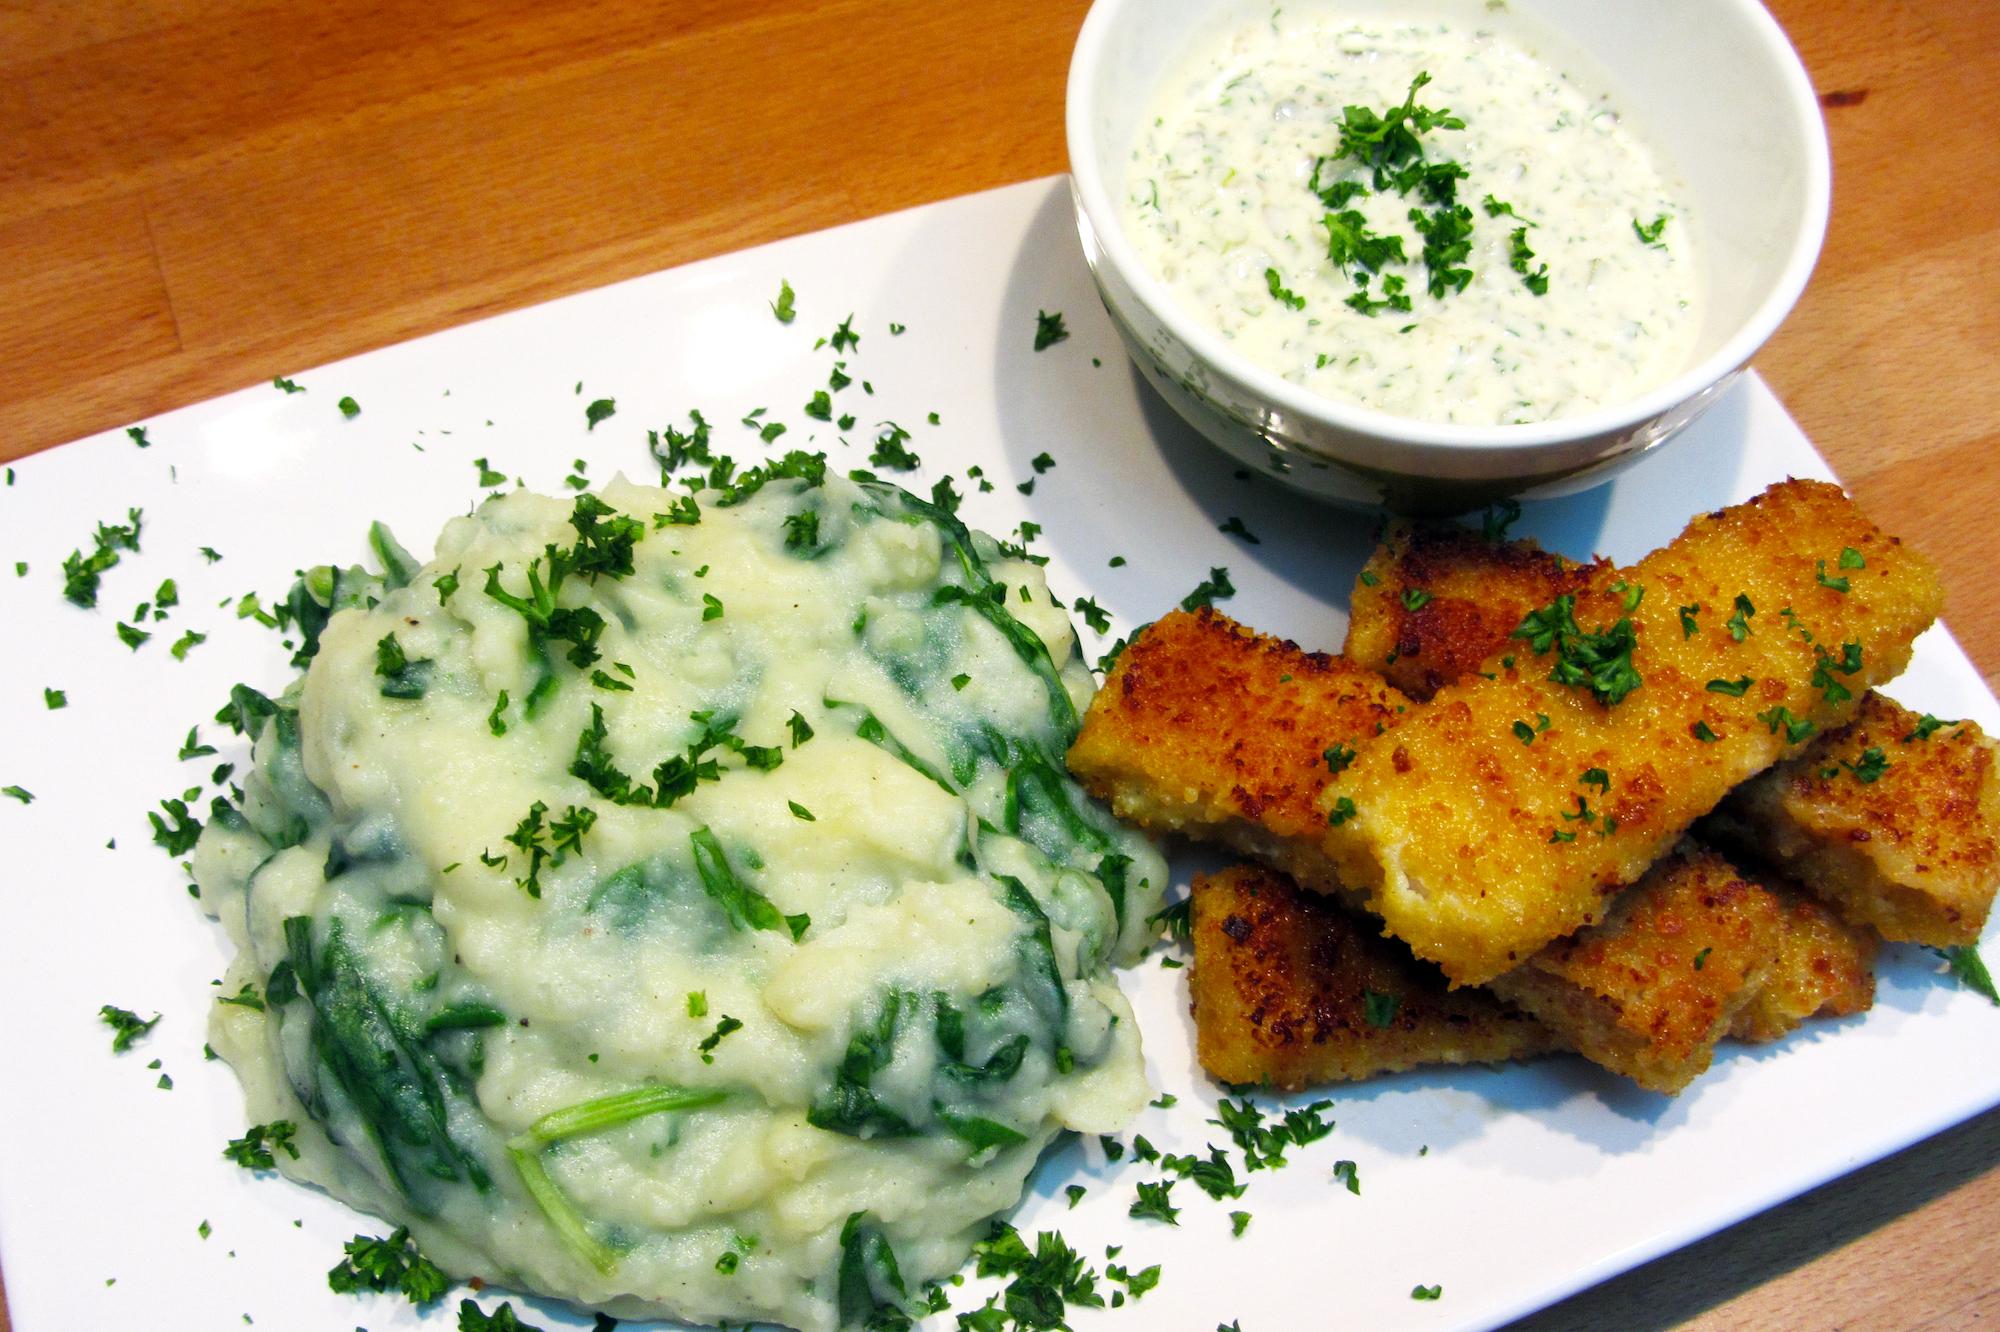 Spinaziepuree met fishsticks en tartaar maison